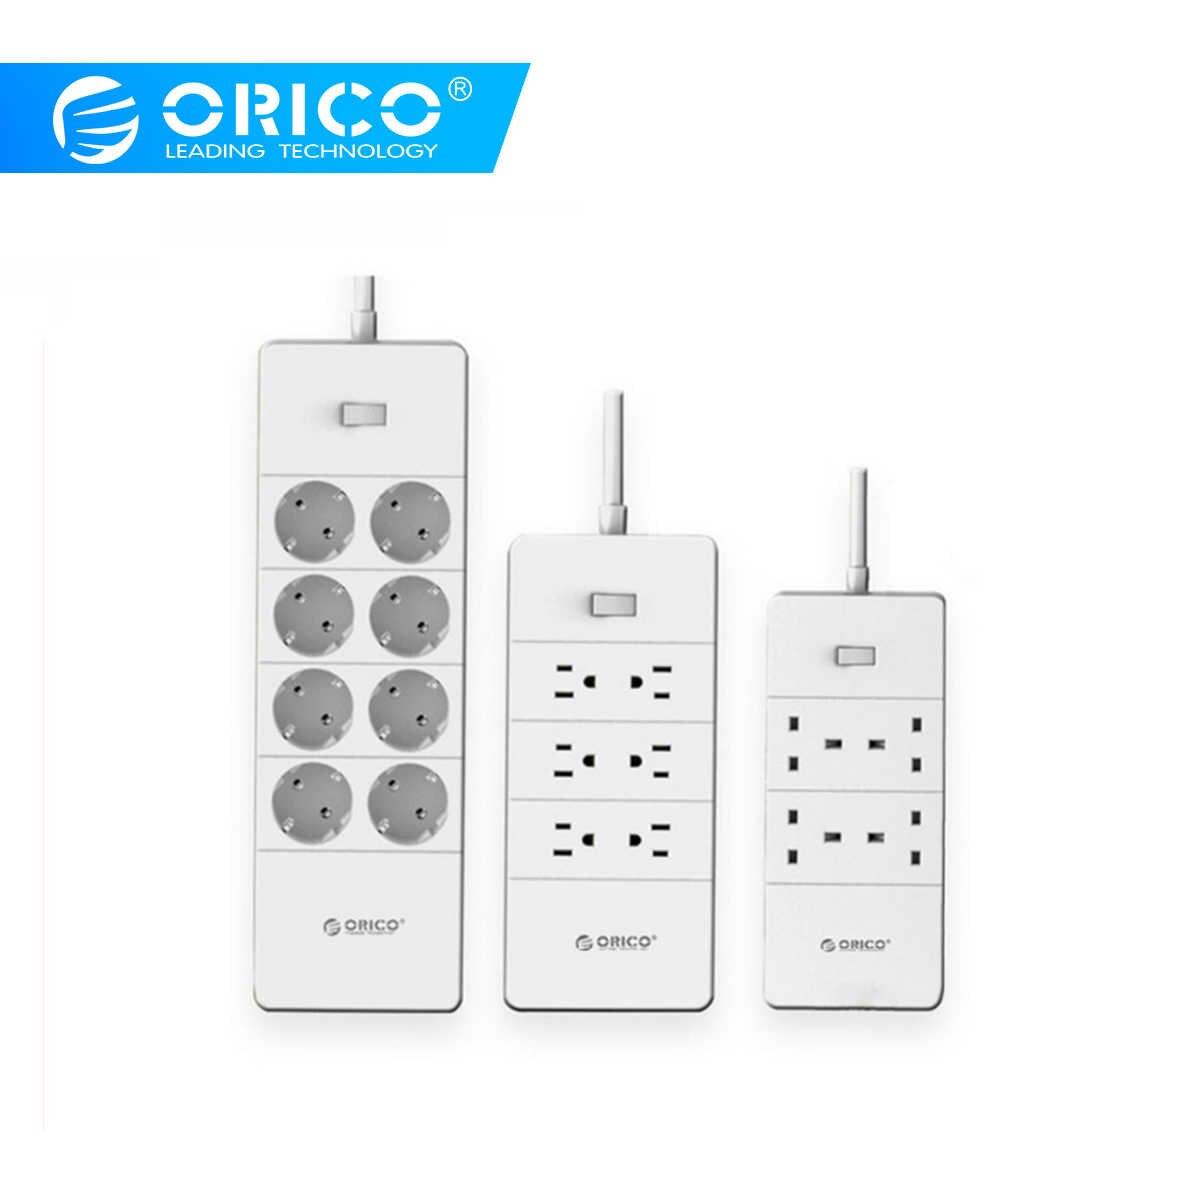 ORICO Dán Cường Lực Chống Sét Bảo Vệ 5 Cổng USB EU Anh Mỹ Nối Dài 4 6 8 AC Ổ Cắm Thông Minh Đa Chức Năng điện Tử Gia